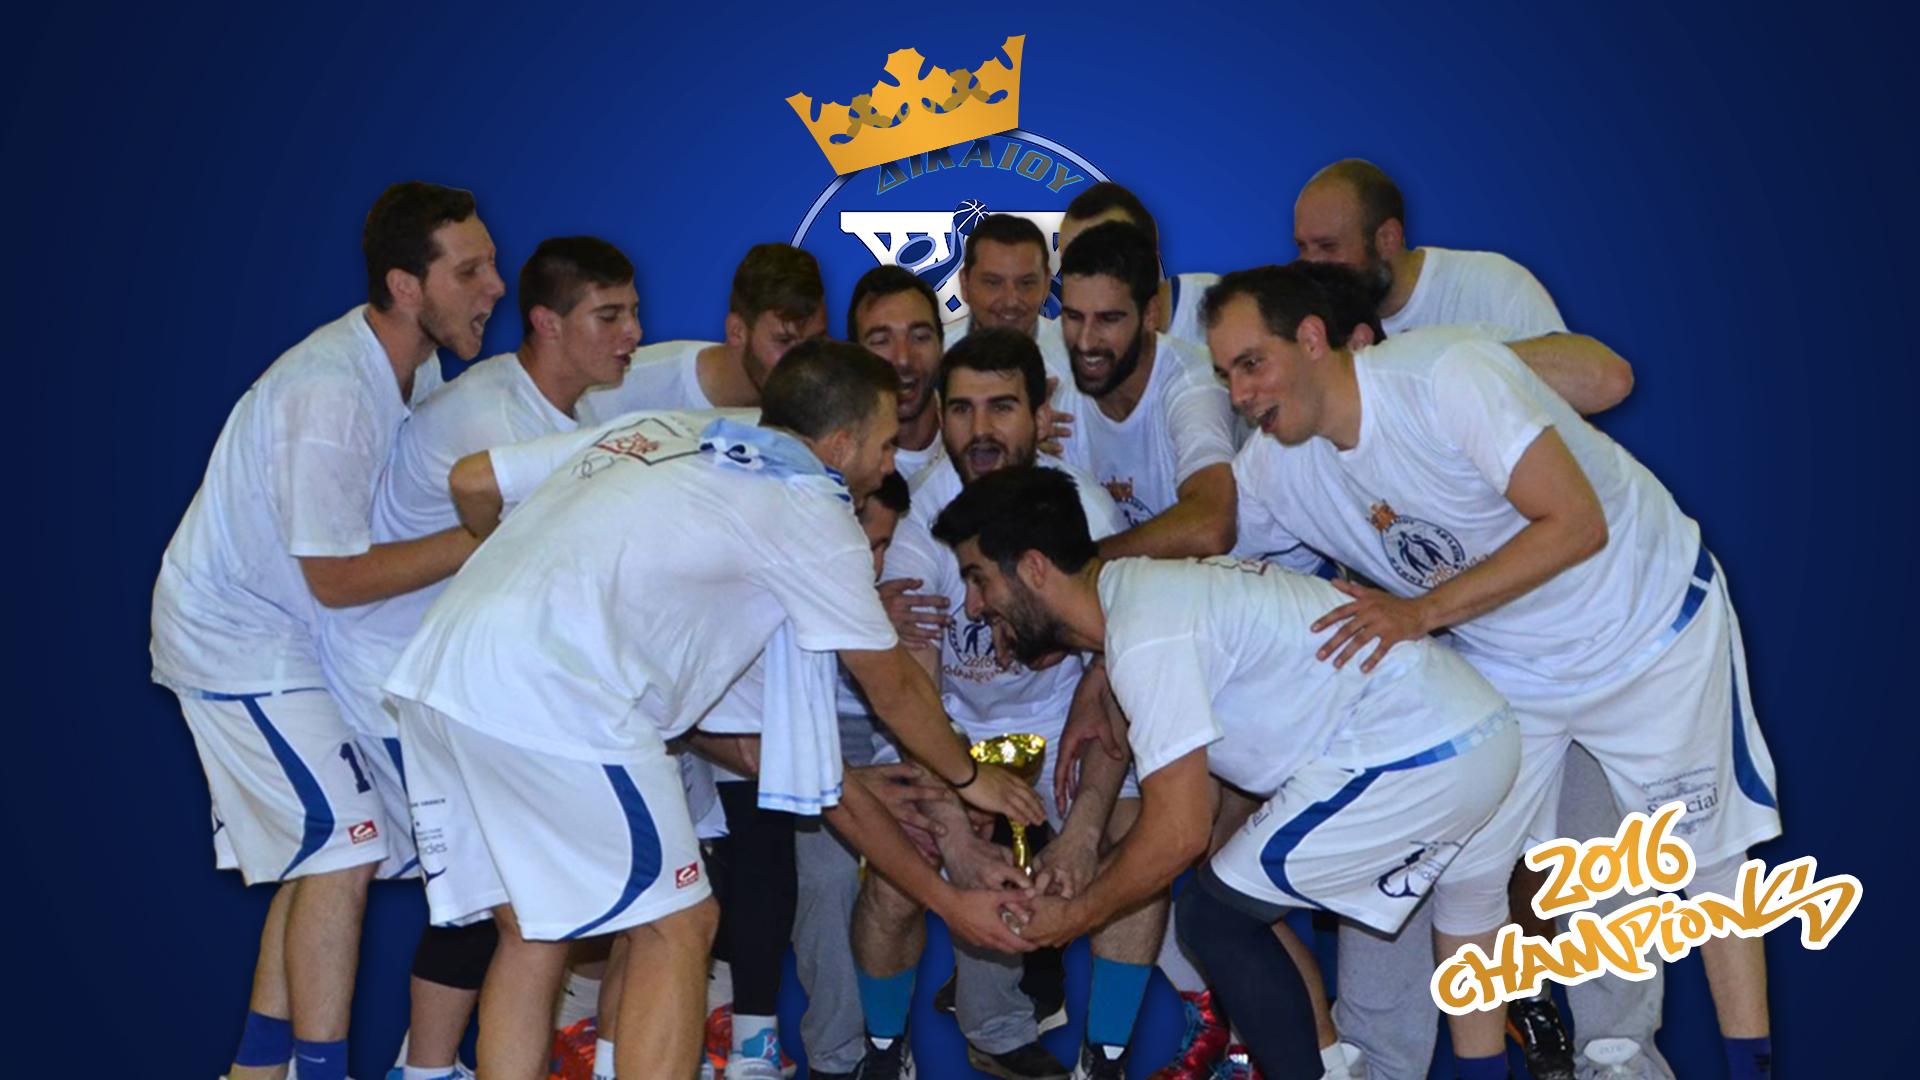 Πρωτάθλημα Ανδρών 2015 - 2016